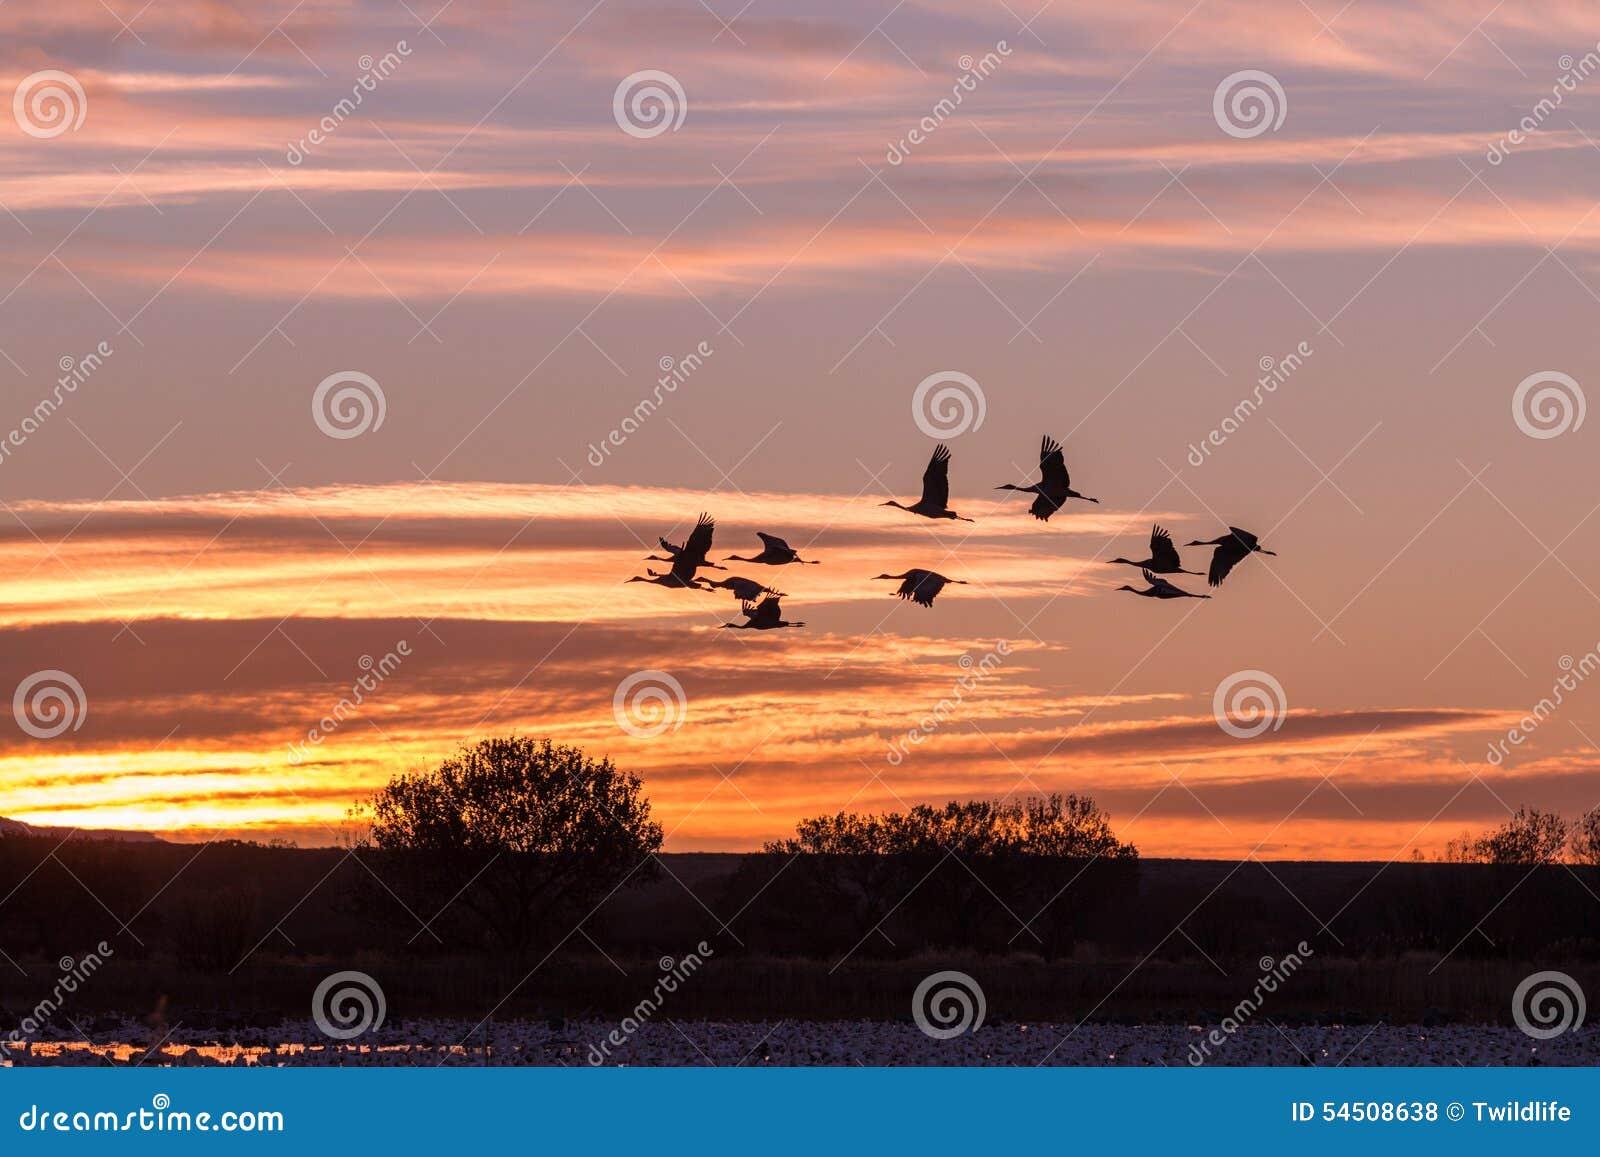 Sandhill tend le cou le vol au lever de soleil